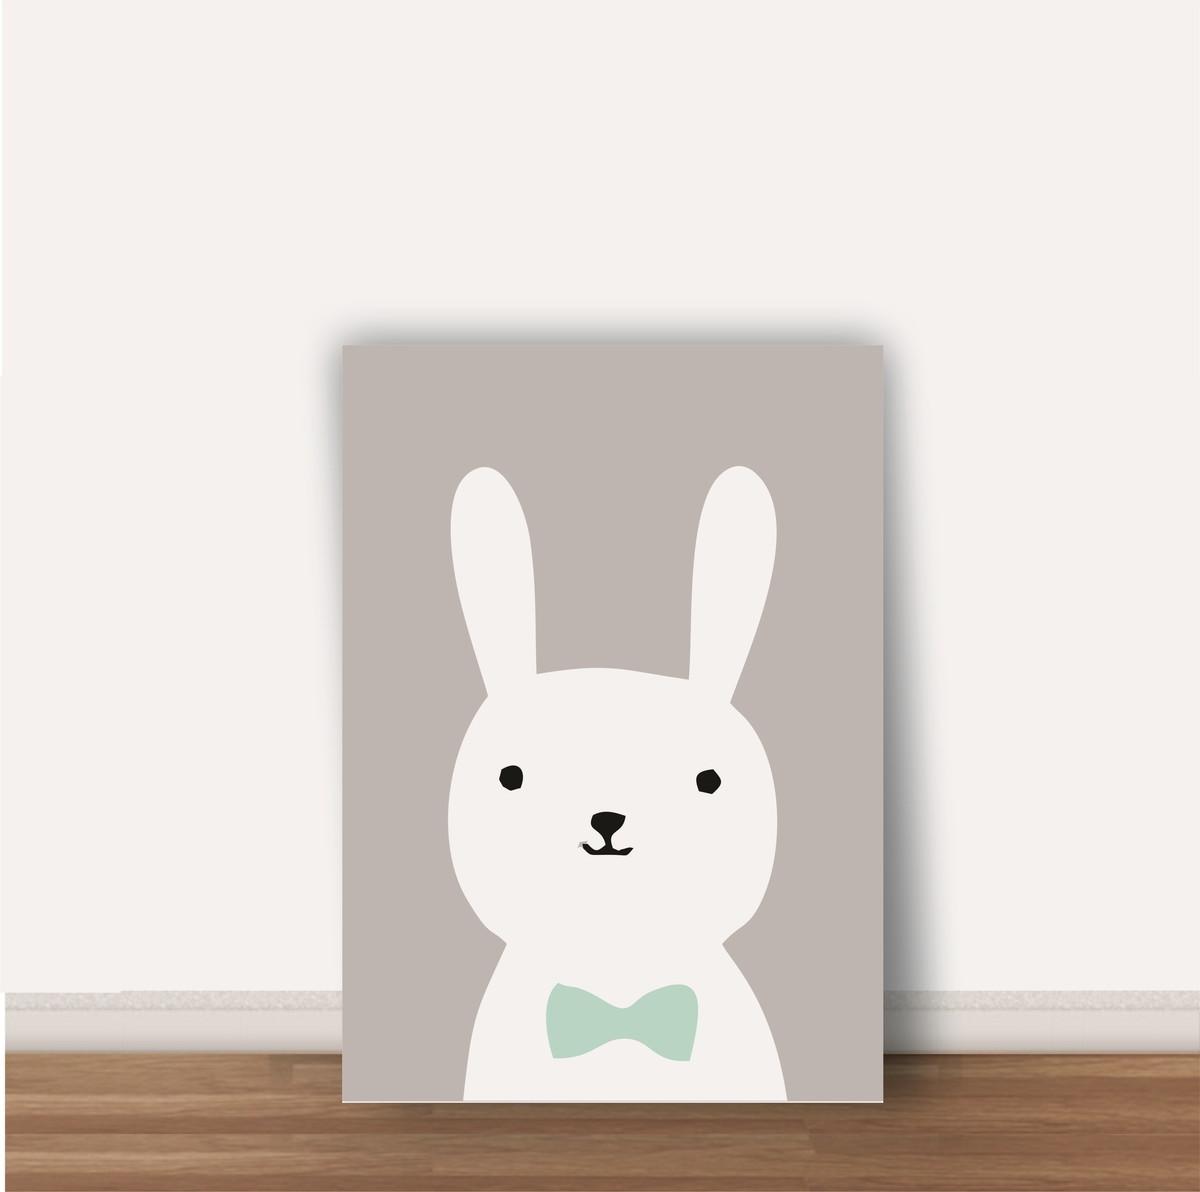 quadro nfantil coelhinho tamanho a4 no elo7 wood design quadros